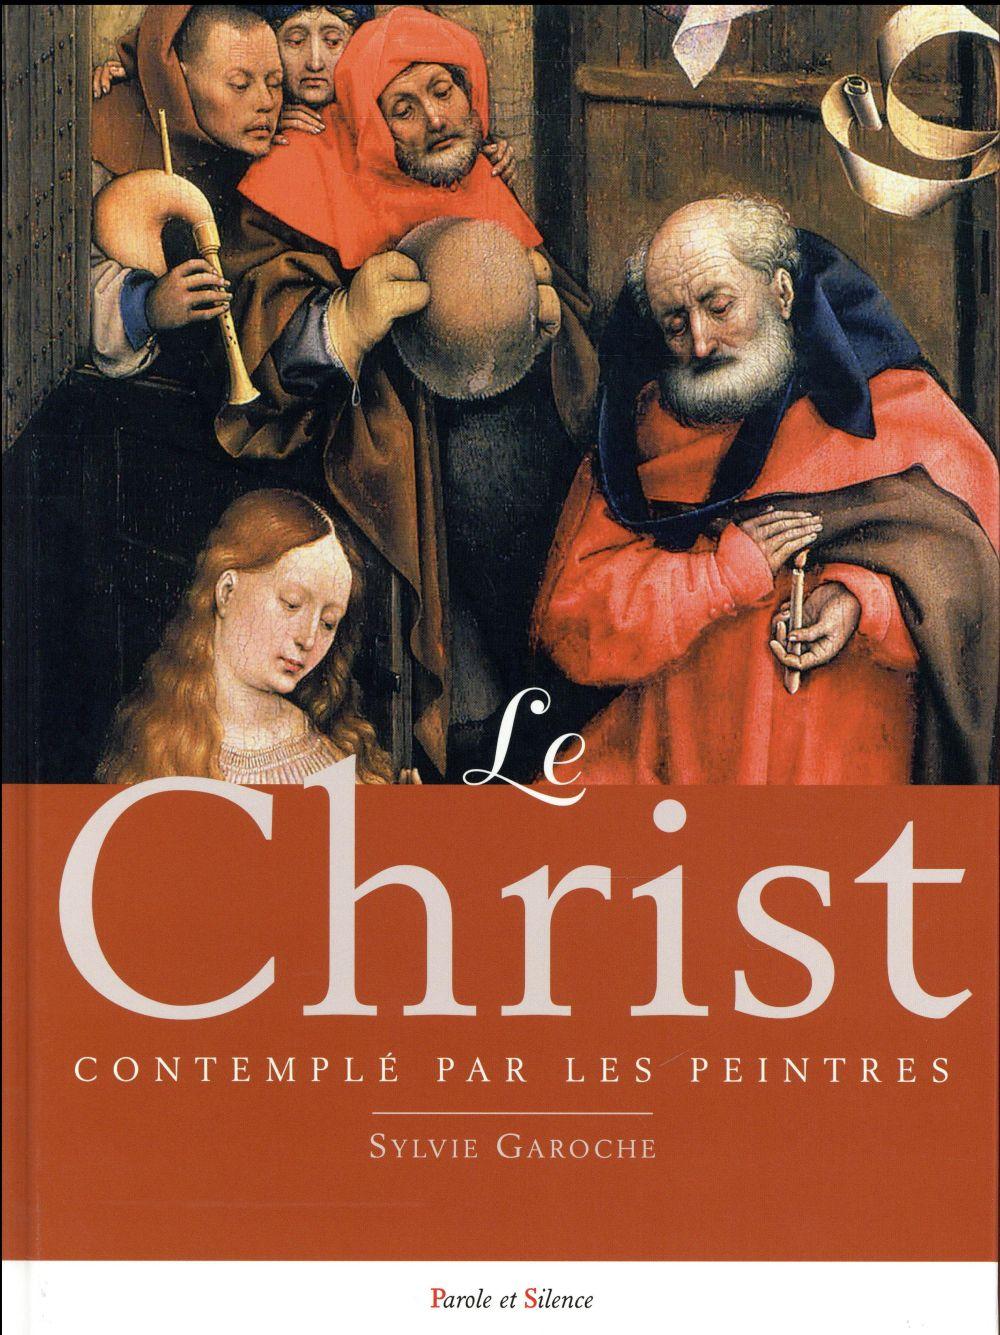 LE CHRIST CONTEMPLE PAR LES PEINTRES